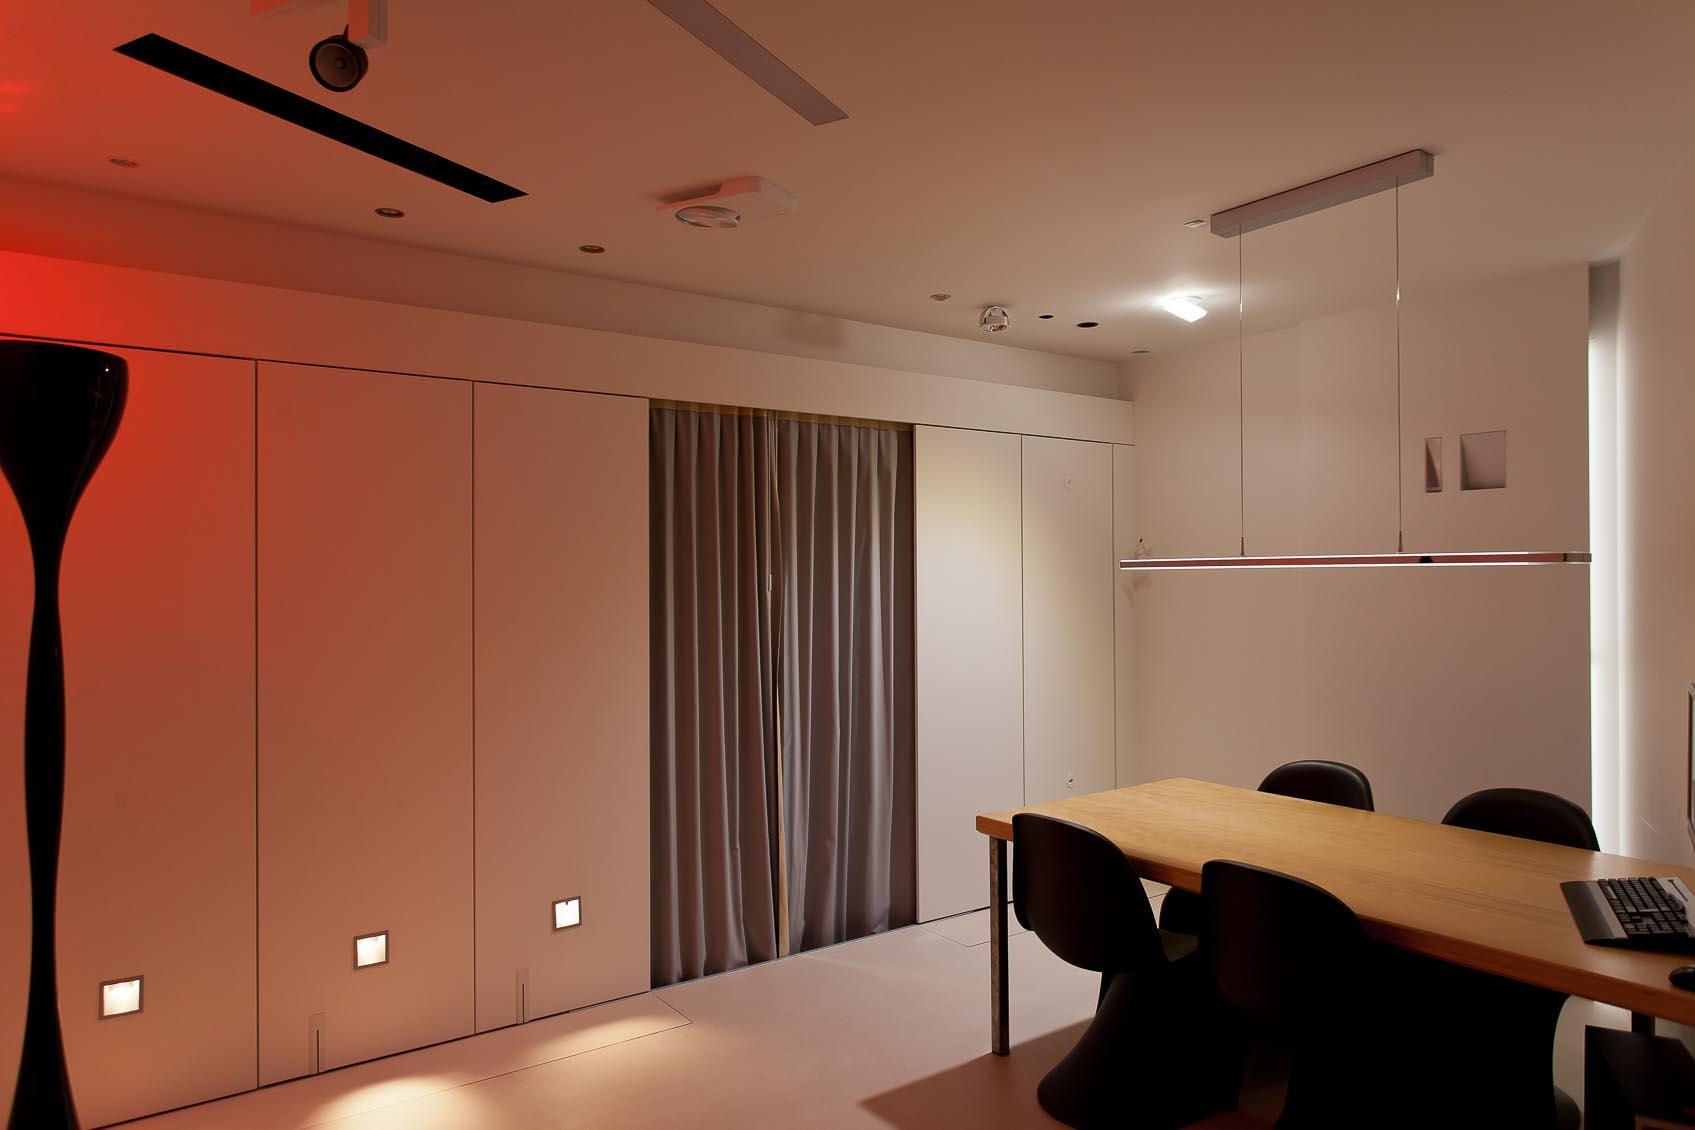 Beleef interieurverlichting in onze design lichtstudio10